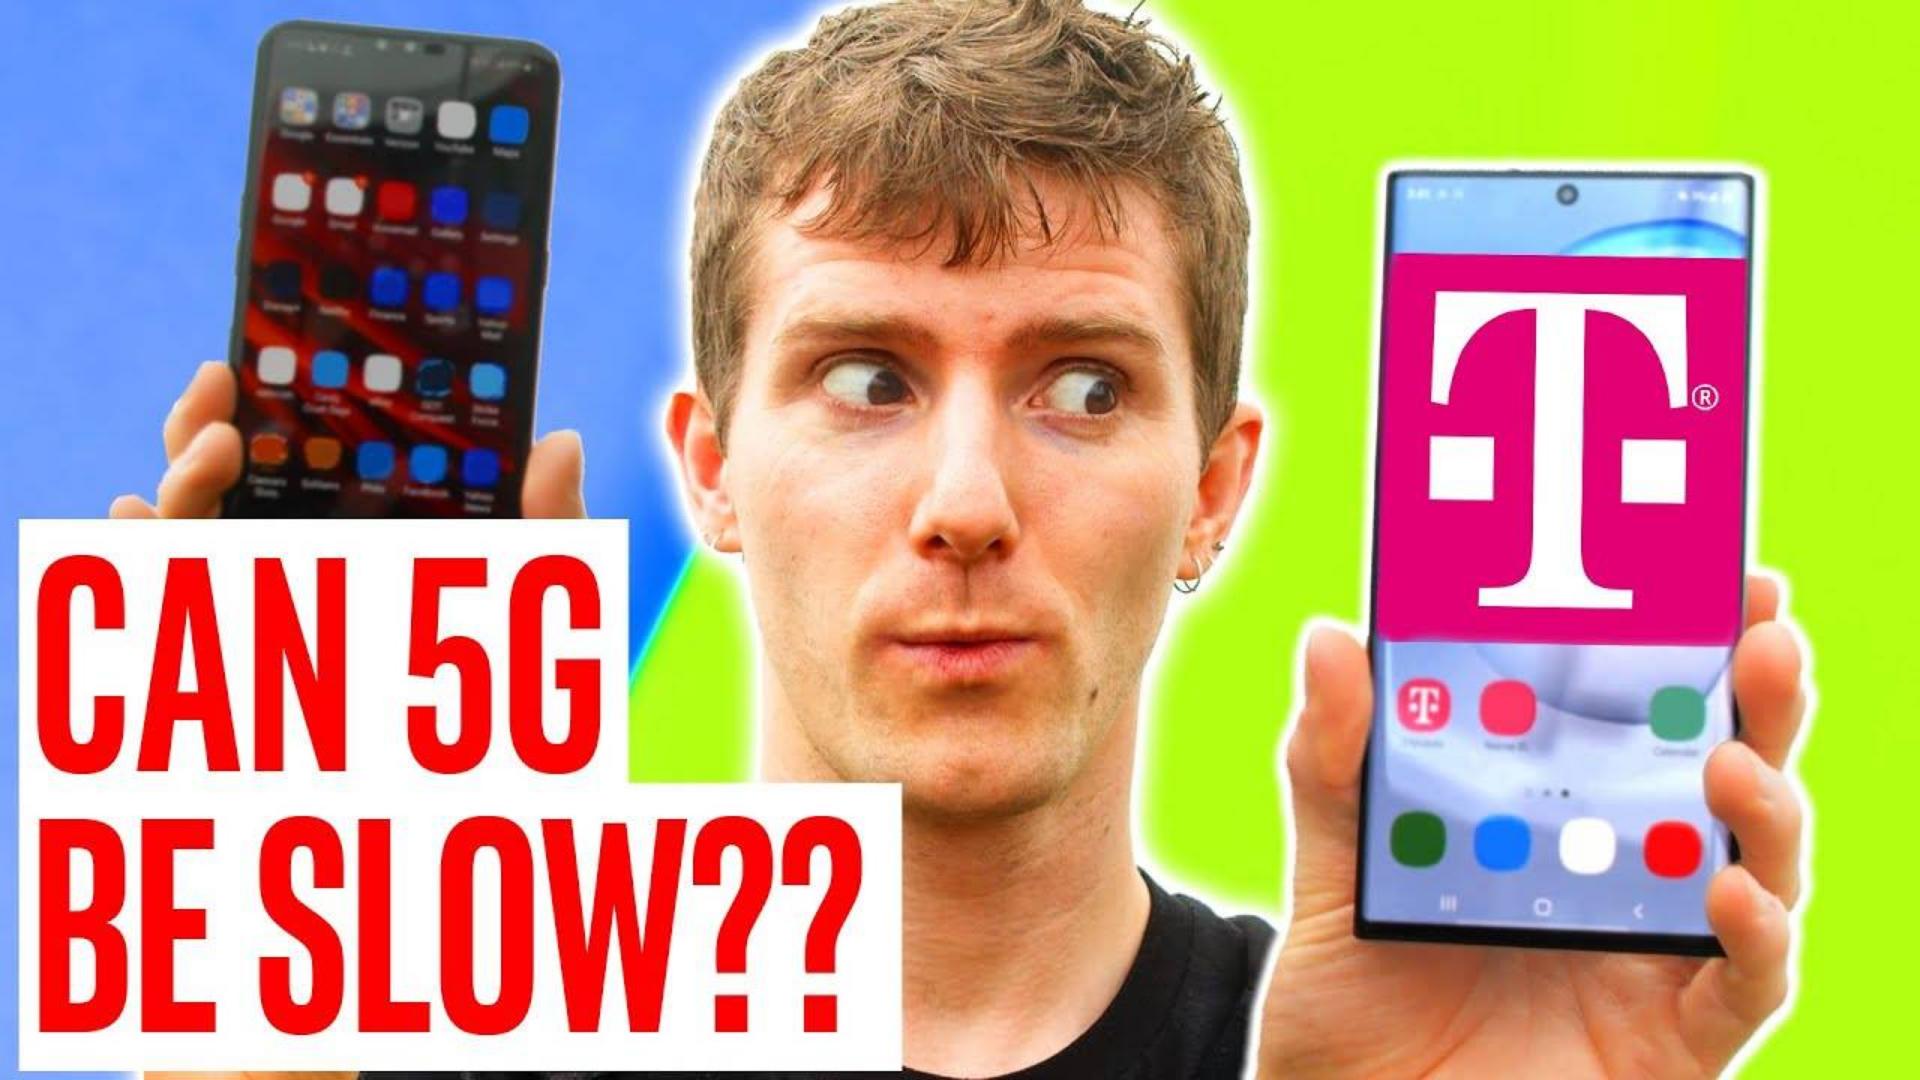 【官方双语】5G毫米波到底怎么样?莱给你答疑#linus谈科技